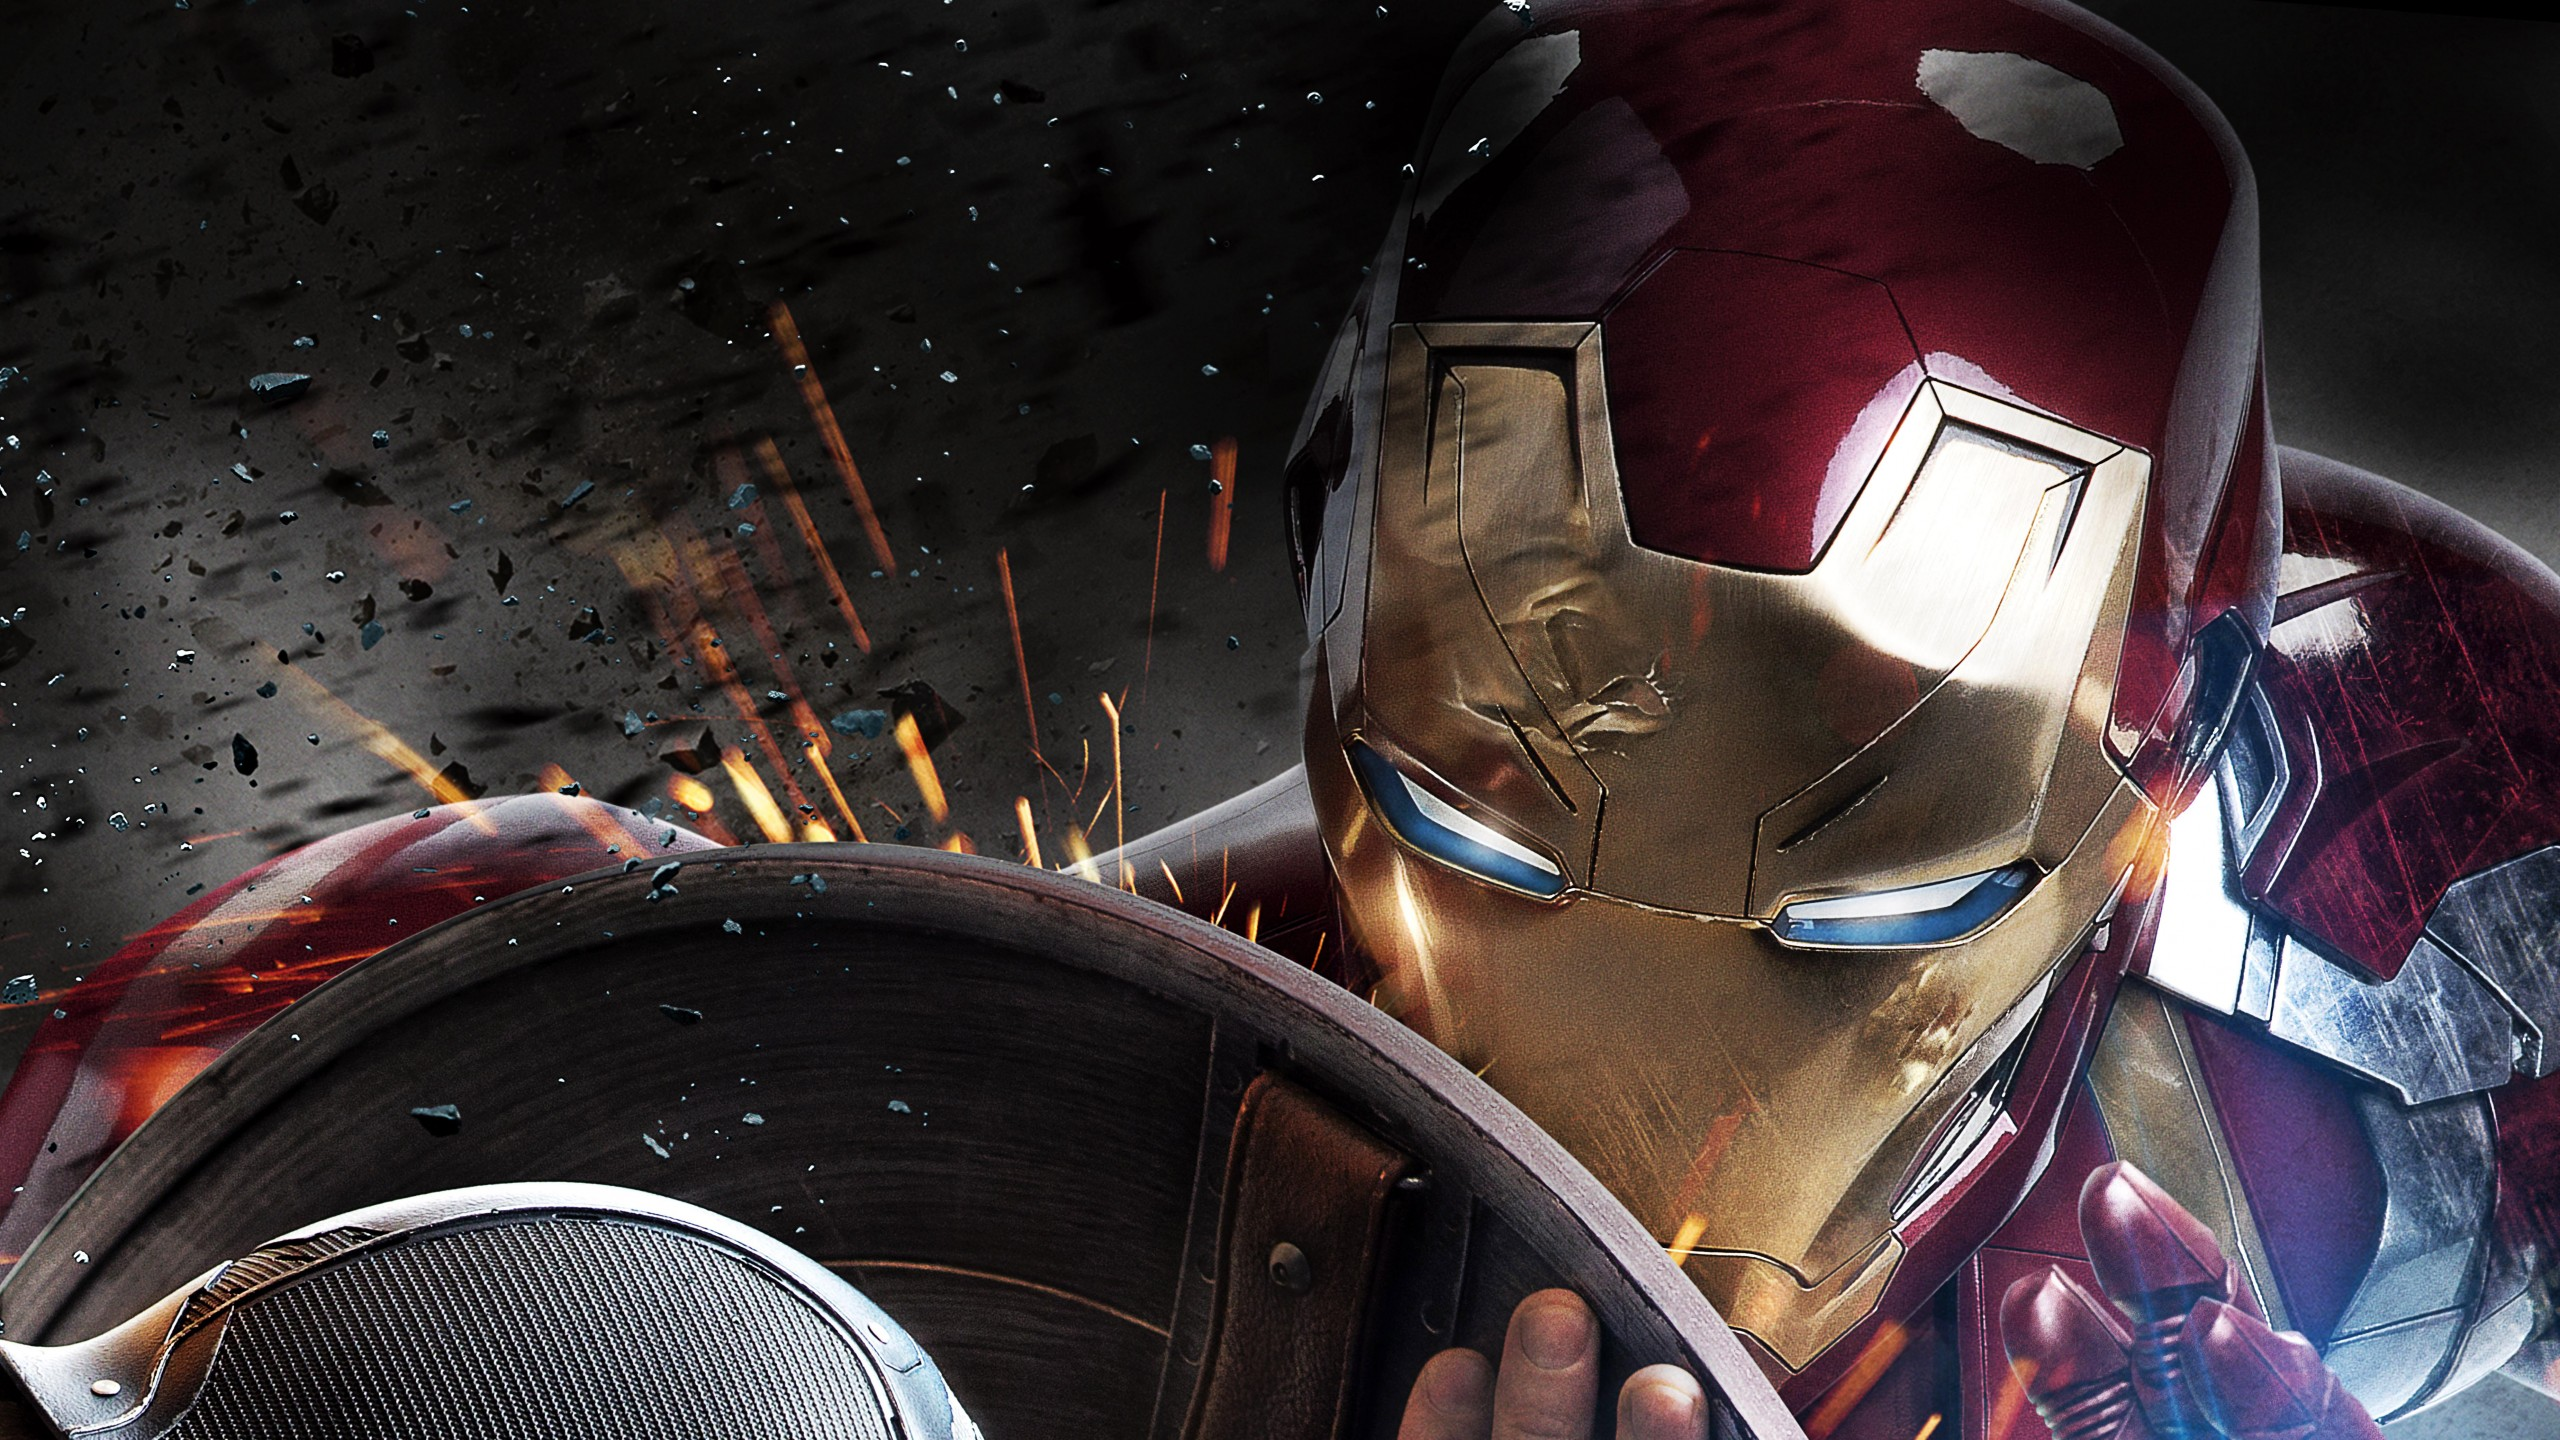 Wallpaper Iron Man 4K 8K Movies